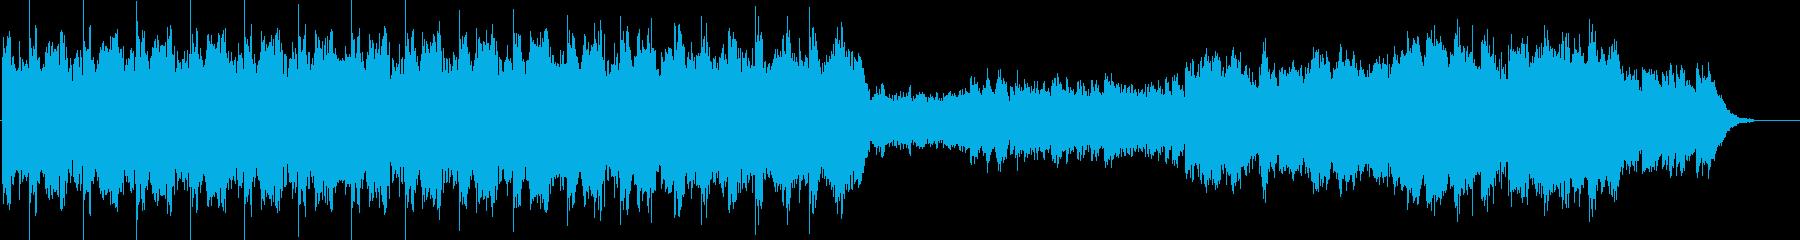 平和な宇宙の旅を表現した曲の再生済みの波形